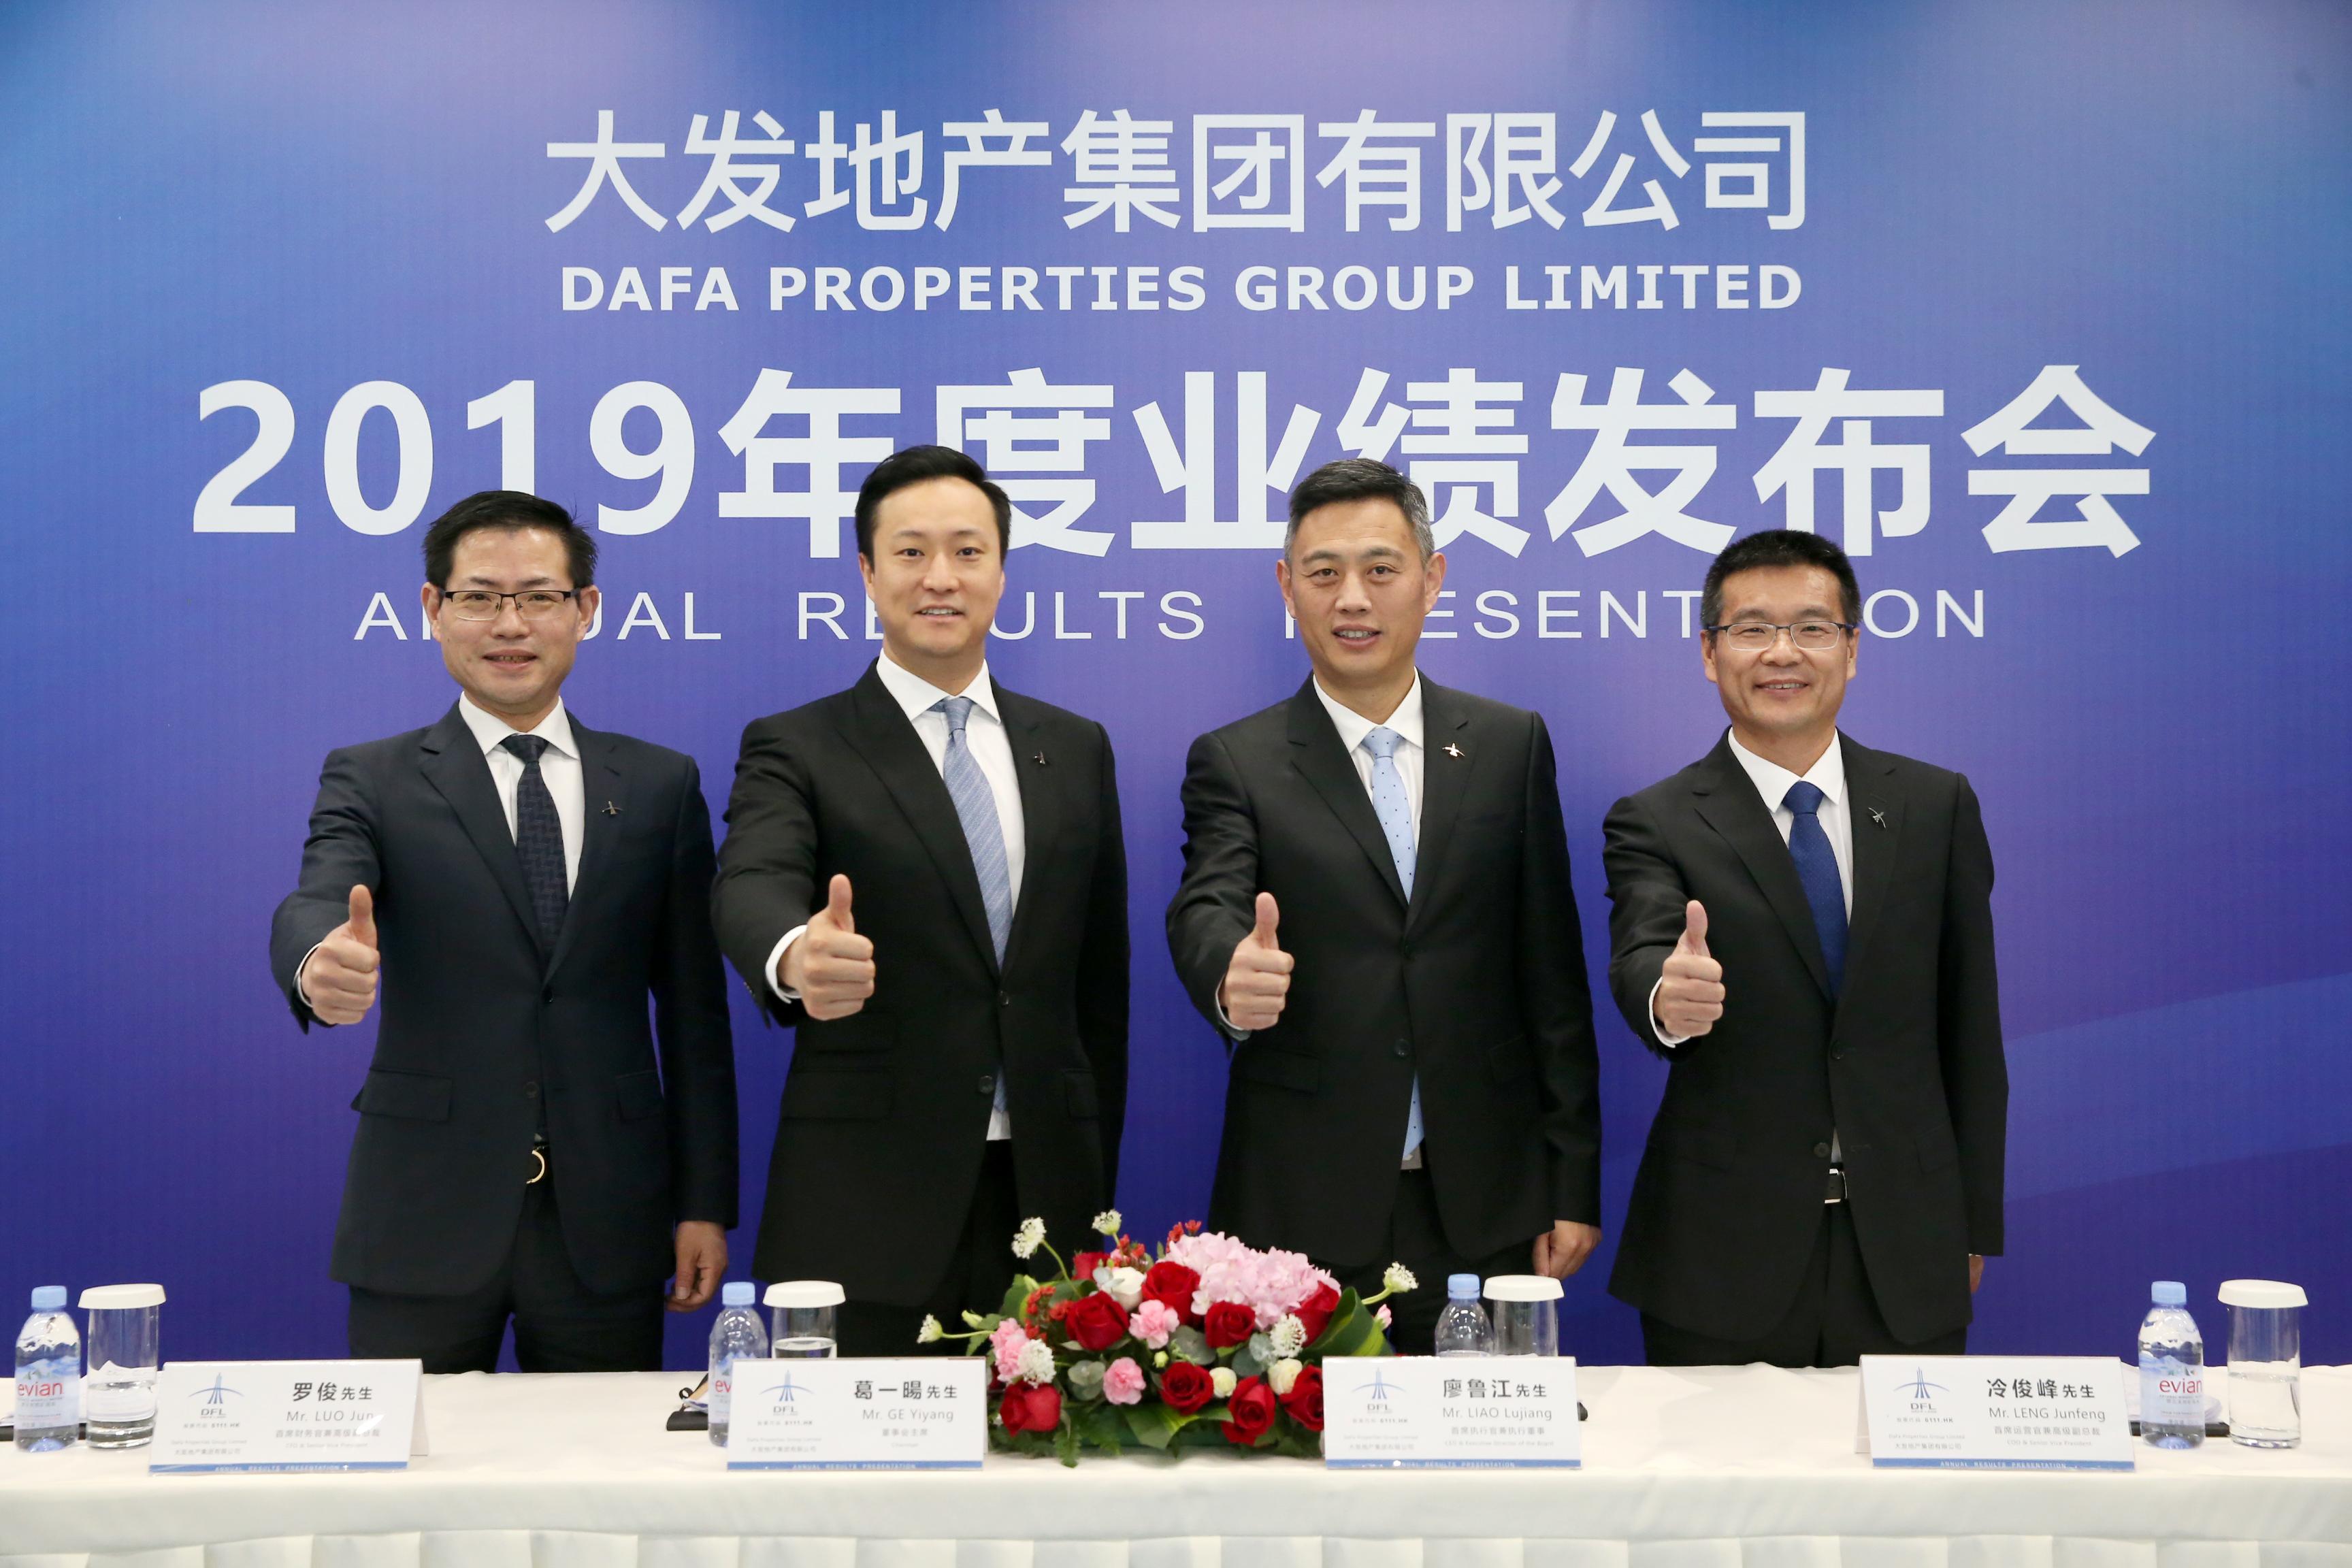 合约销售额三年复合增长率126%,大发地产2019年营利双增-中国网地产